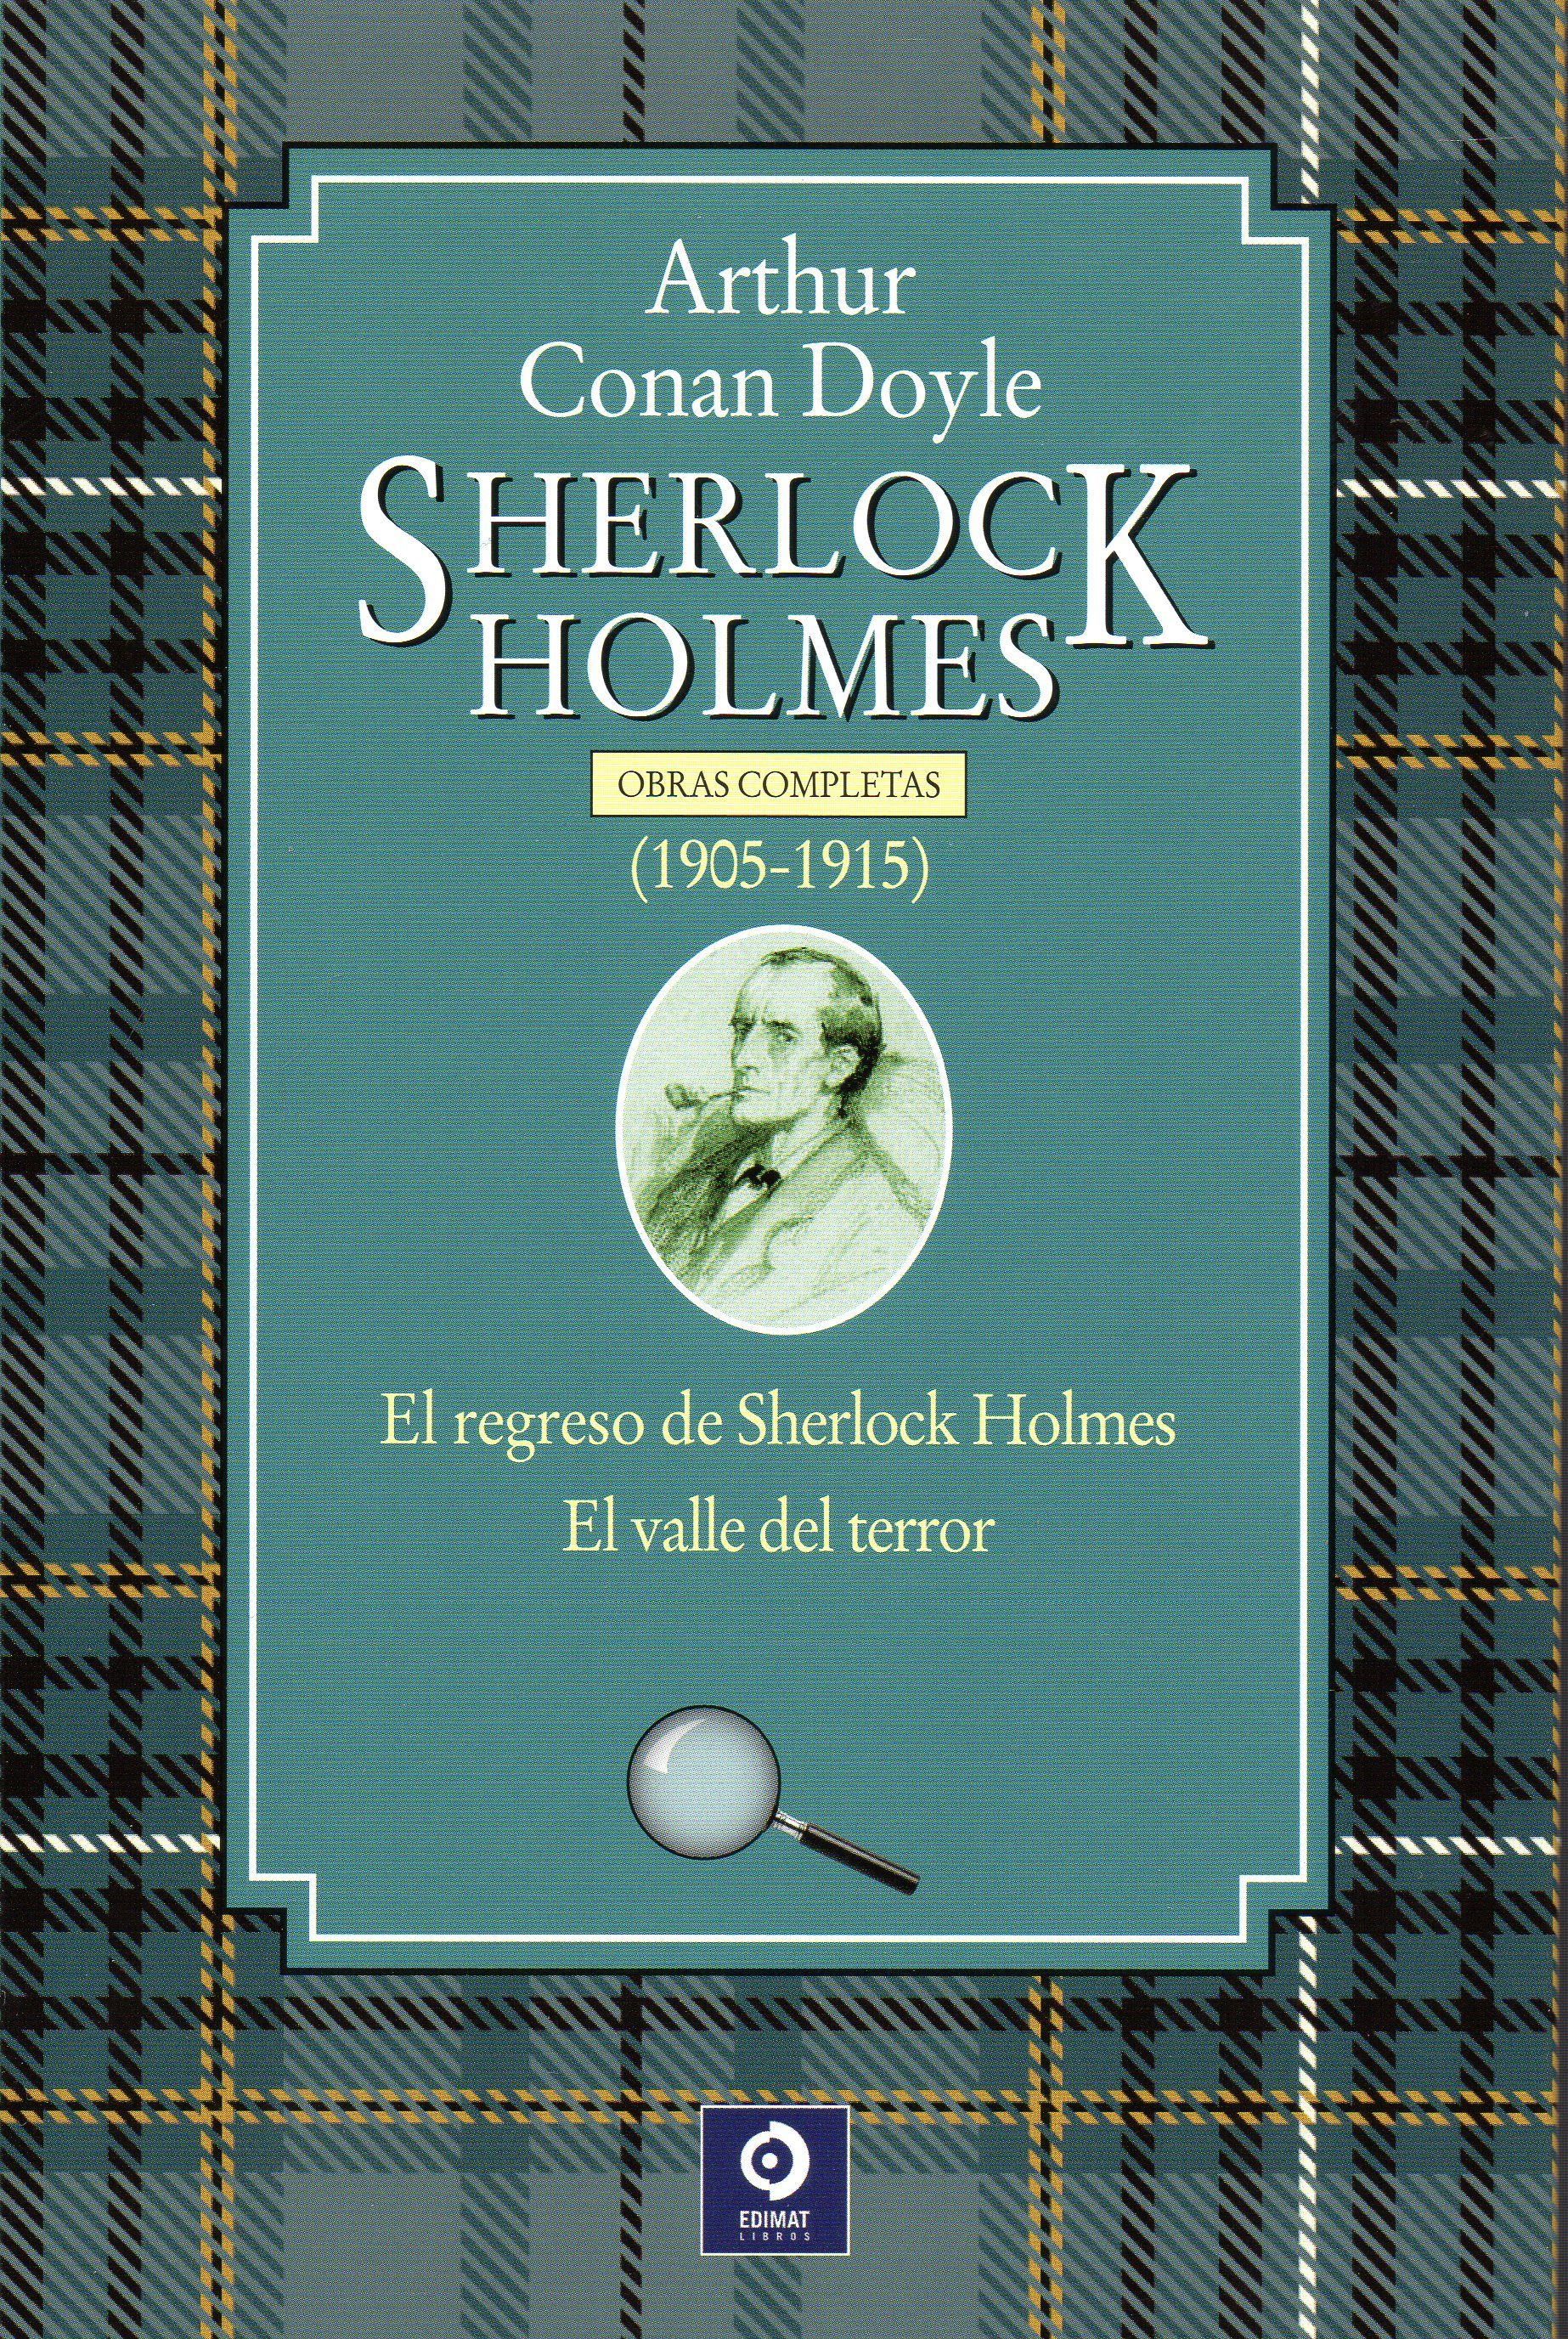 Obras Completas de Sherlock Holmes: Sherlock Holmes 1905-1915: 3